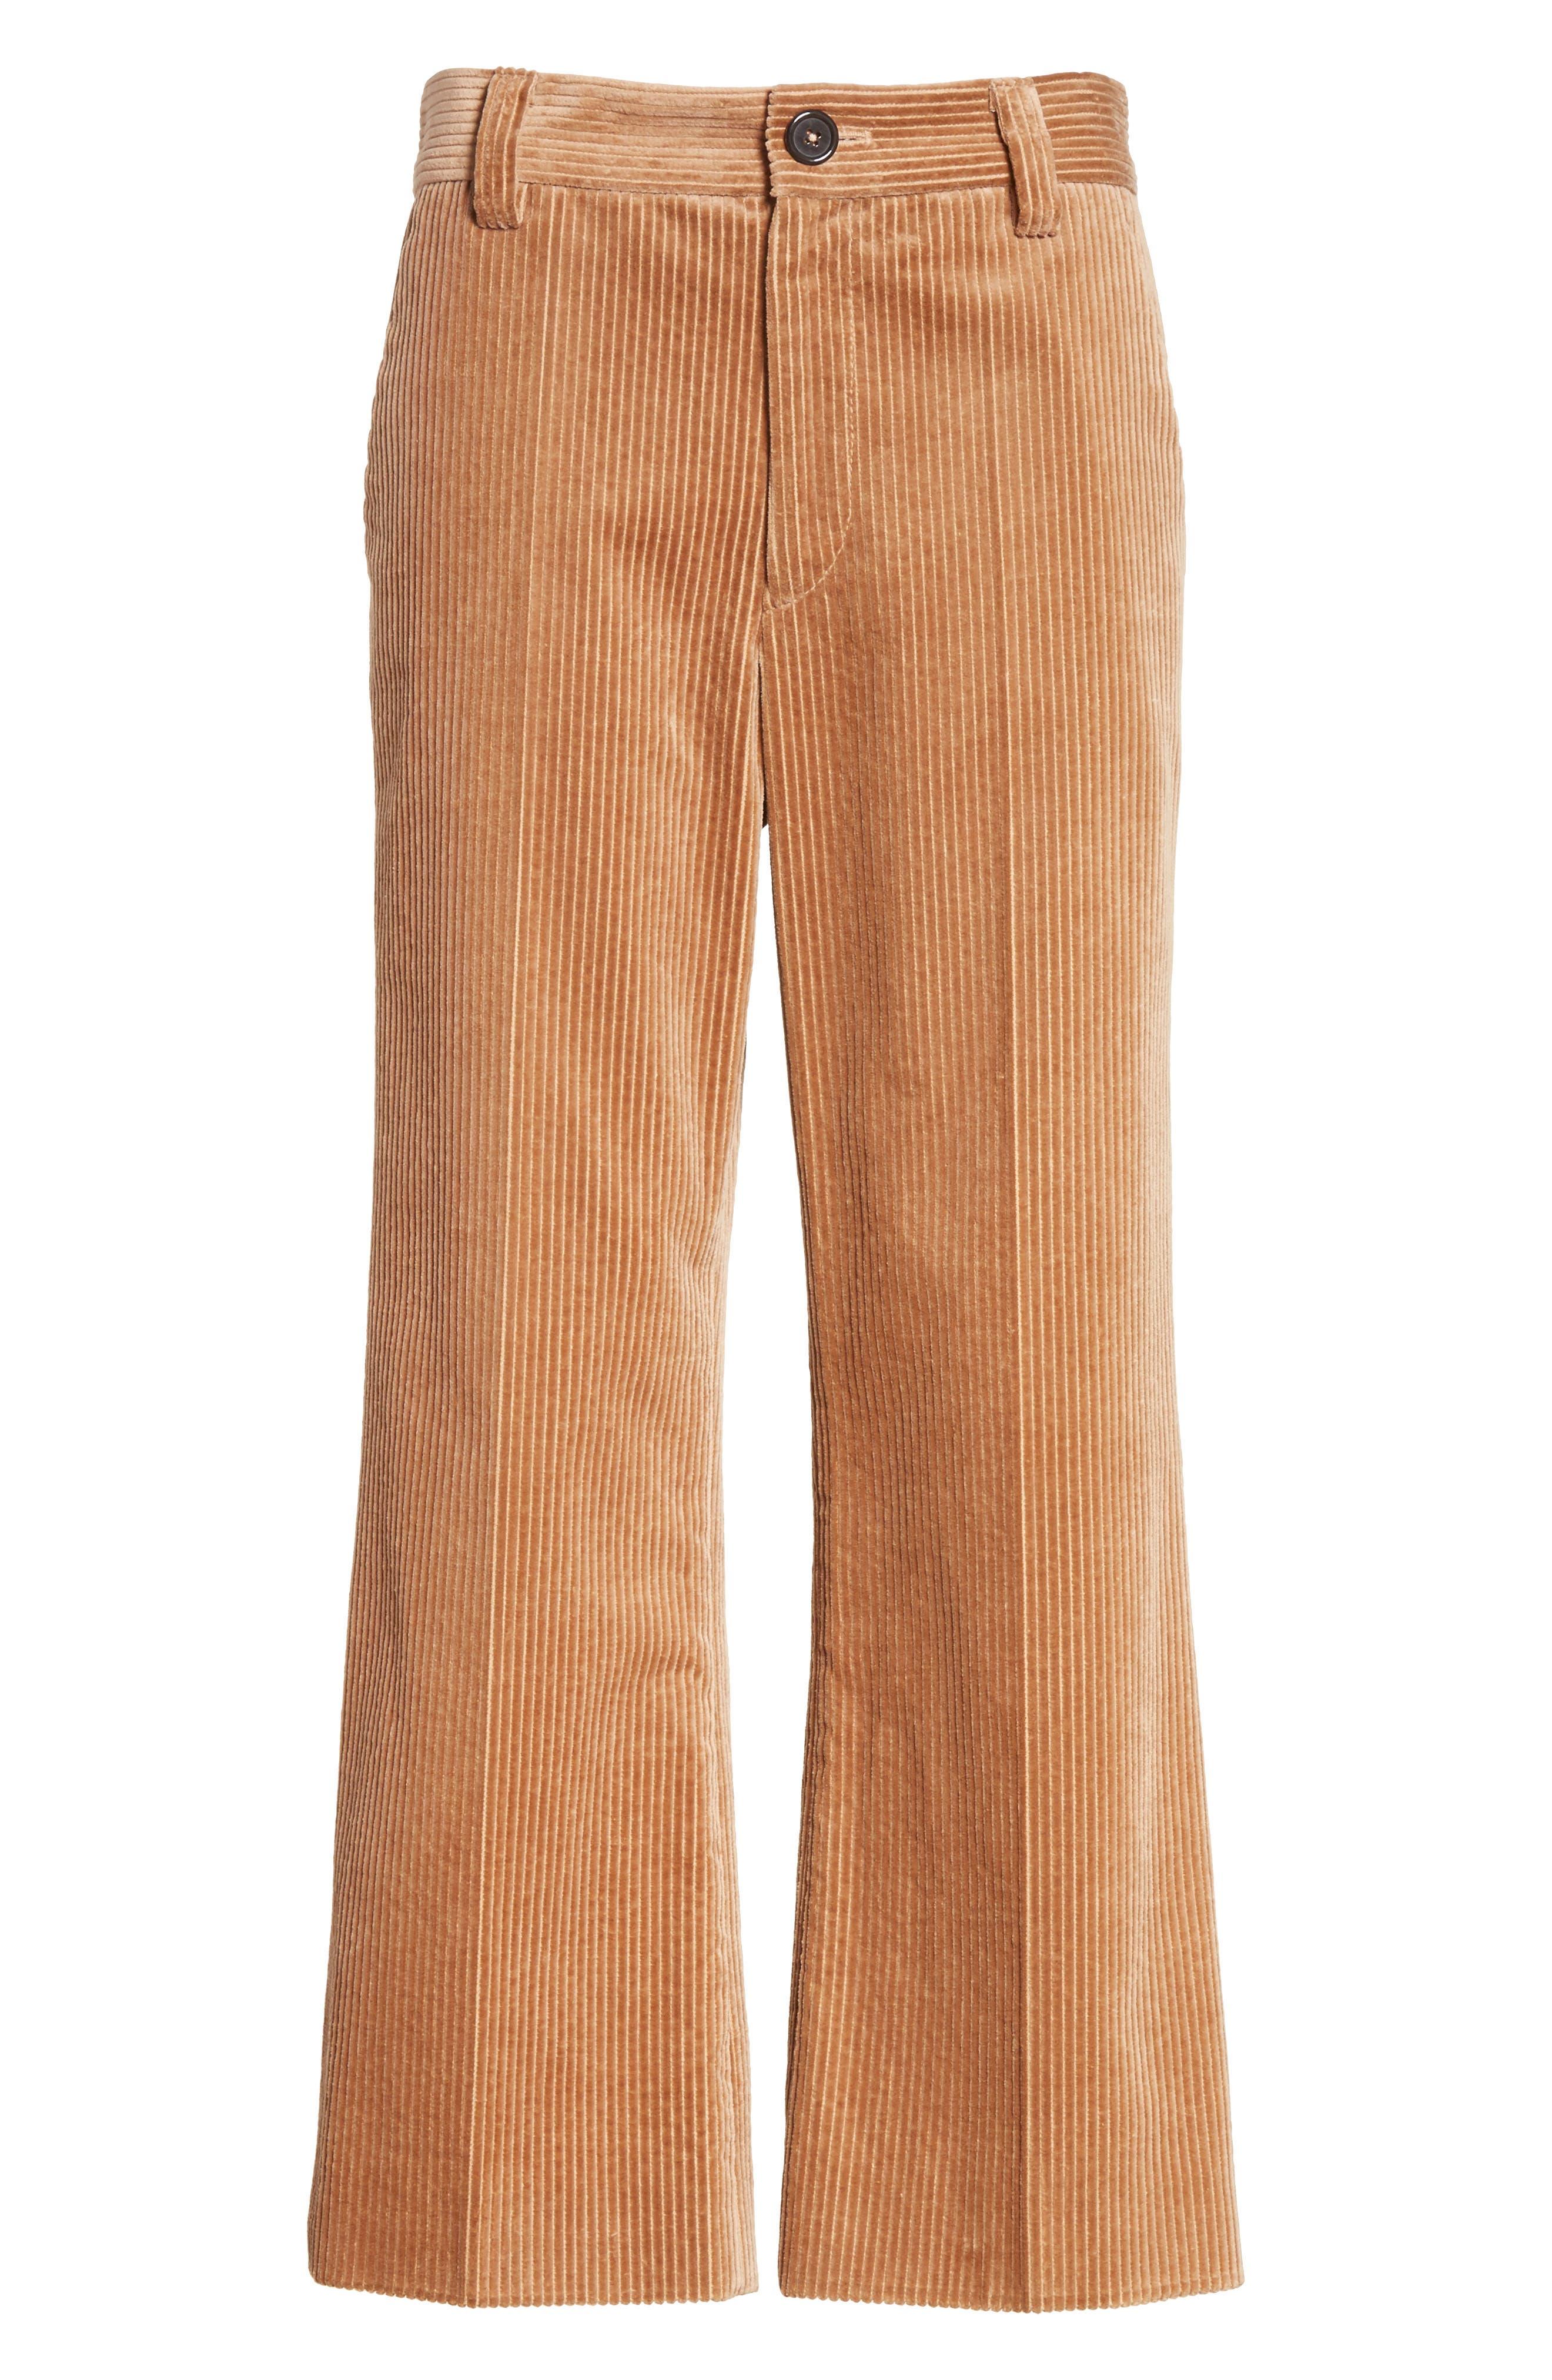 Corduroy Wide Leg Crop Pants,                             Alternate thumbnail 6, color,